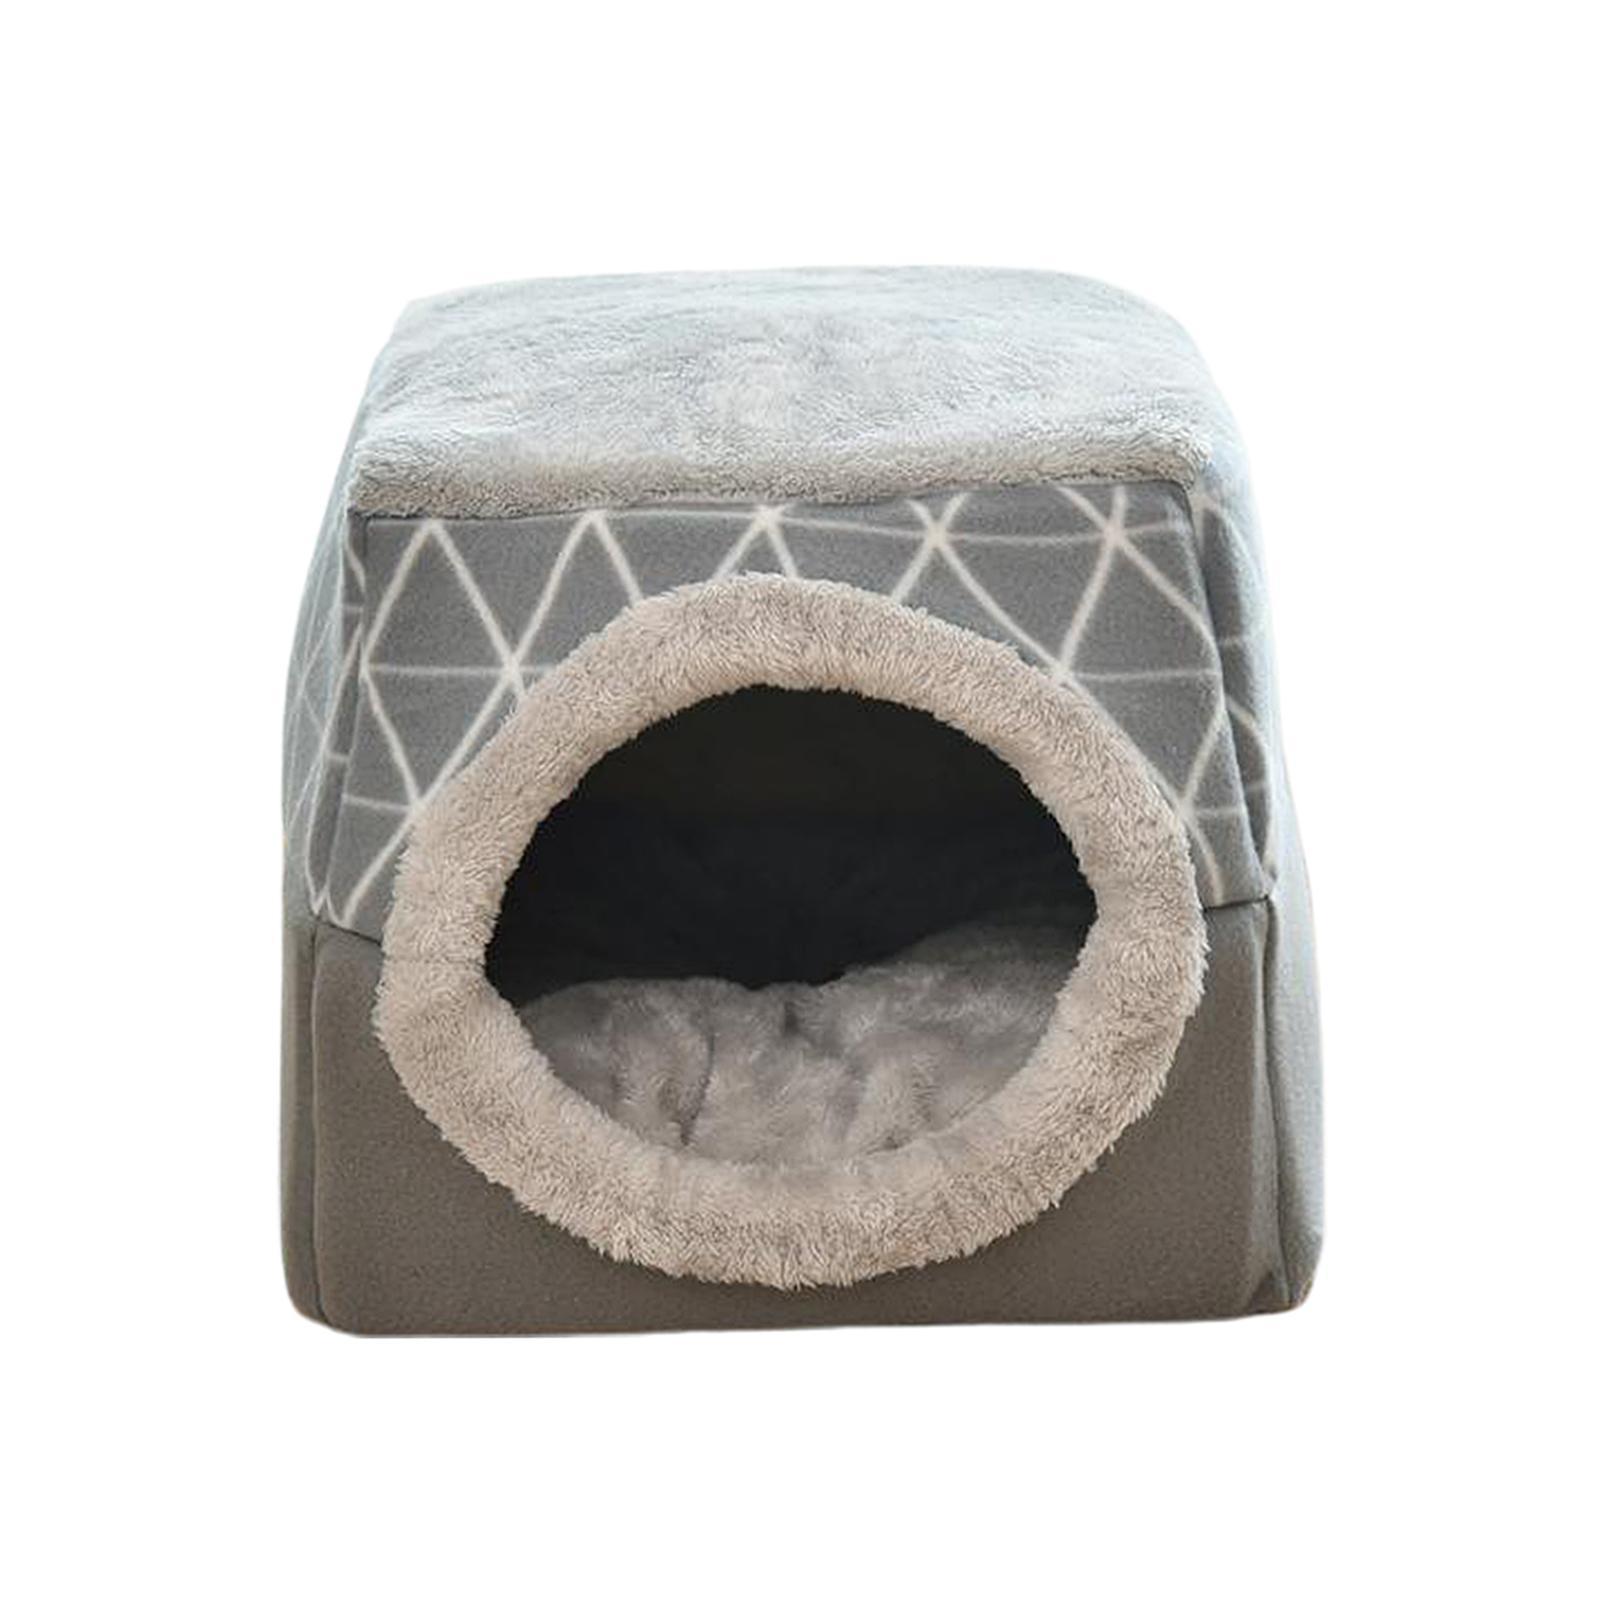 Indexbild 17 - 2-in-1-Weichen-Katzen-Haus-Schlafen-Bett-Zwinger-Puppy-Cave-Warme-Nest-Matte